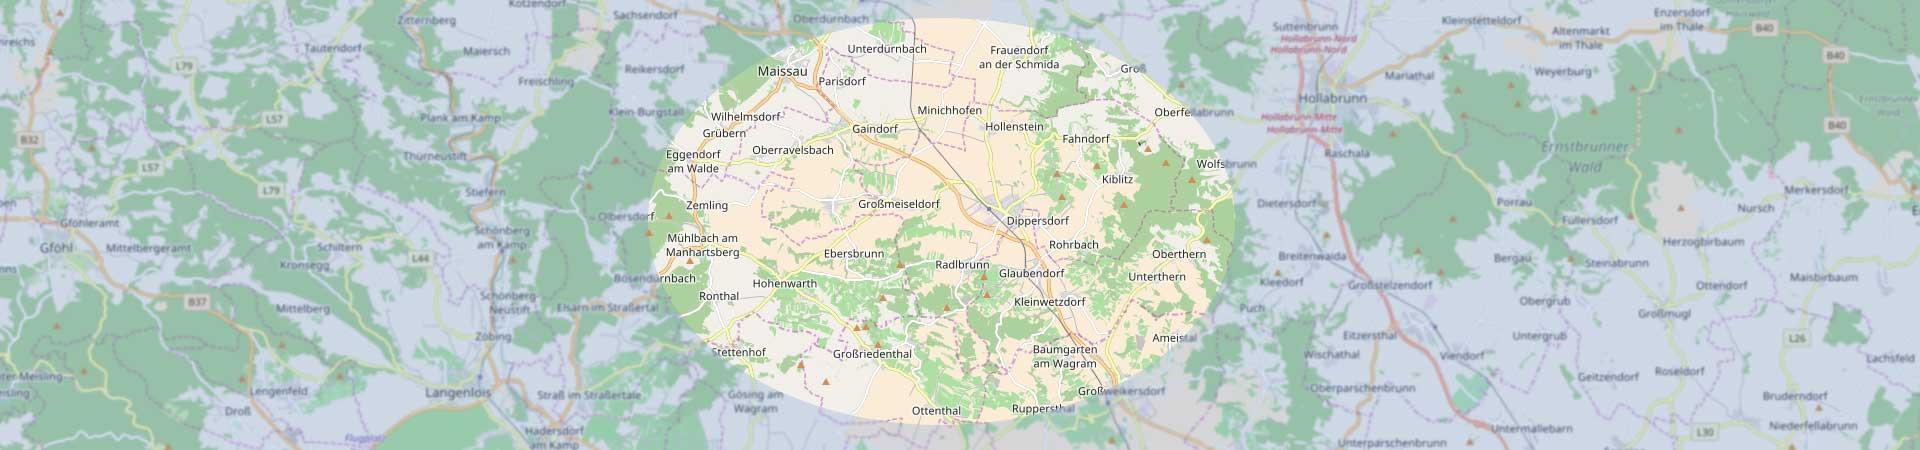 Landkarte mit Kennzeichnung des Schmidatal